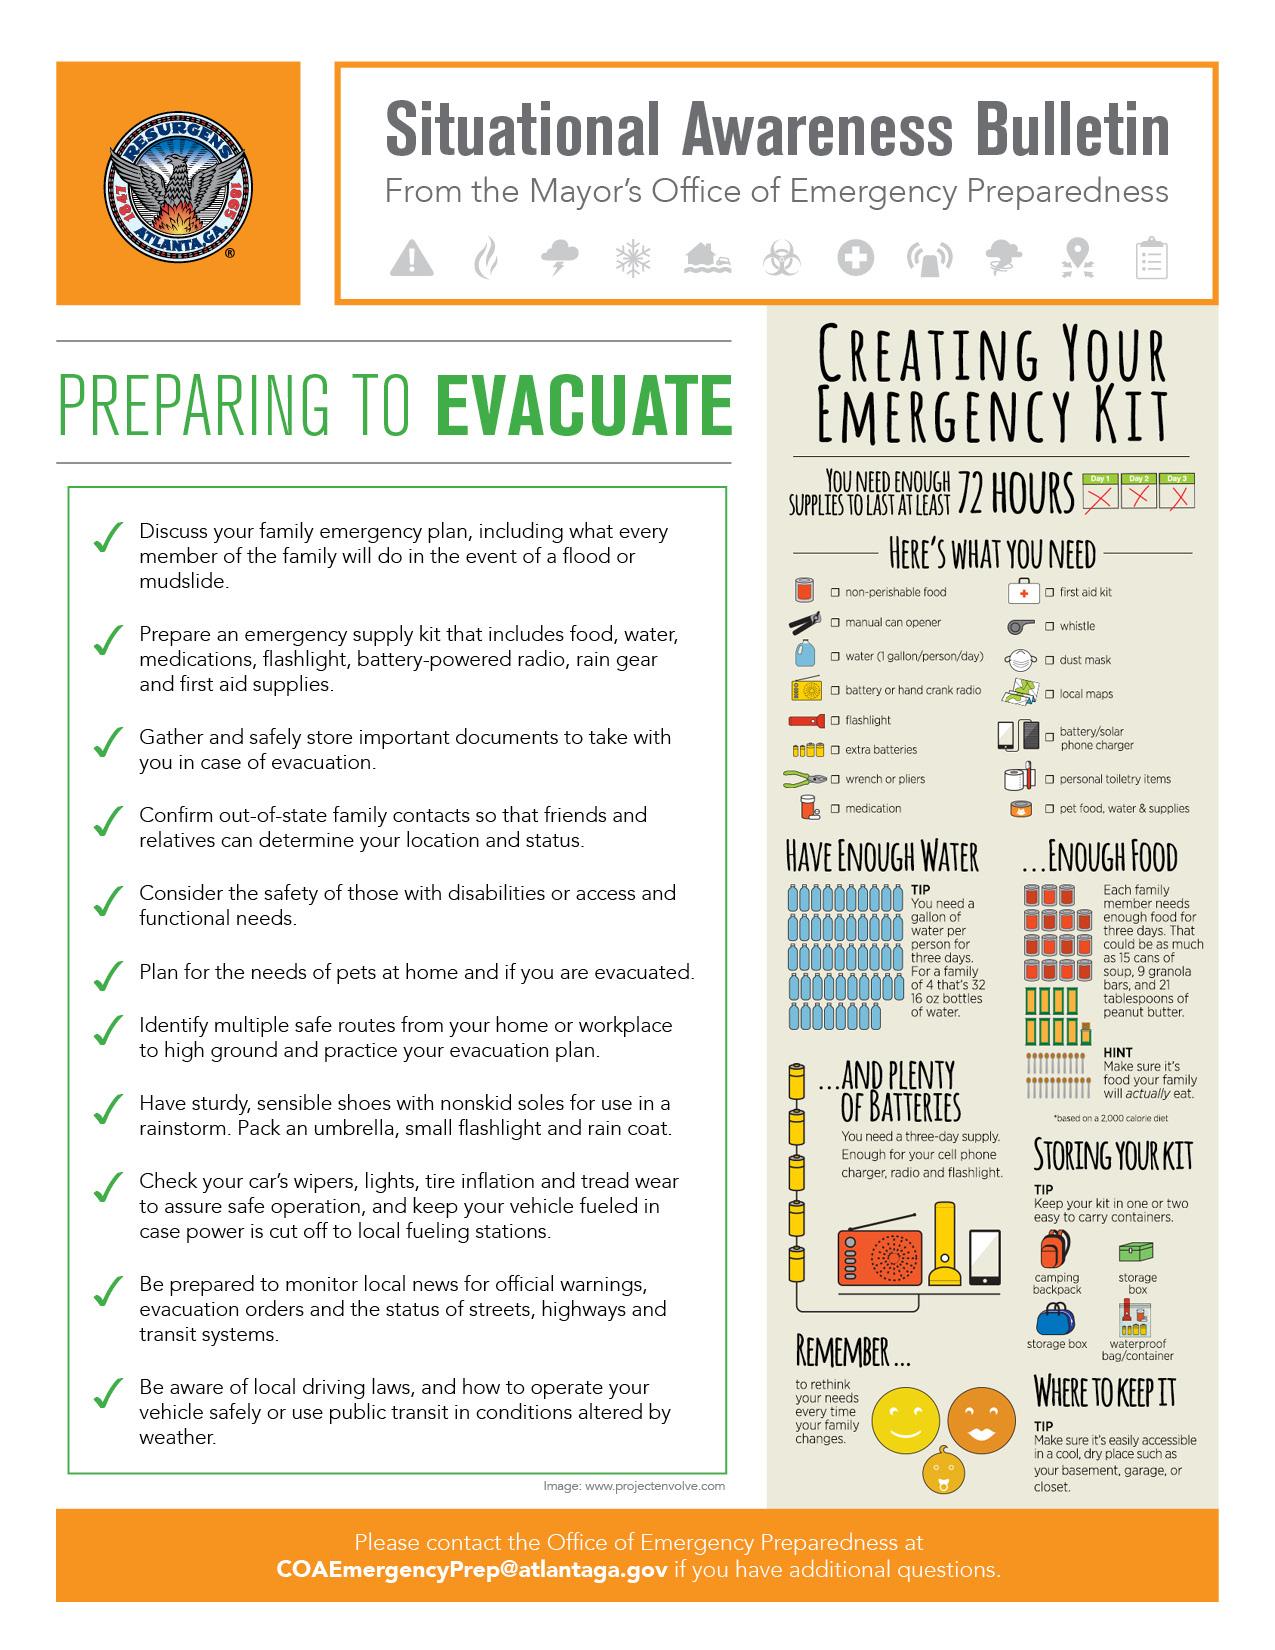 Preparing to Evacuate